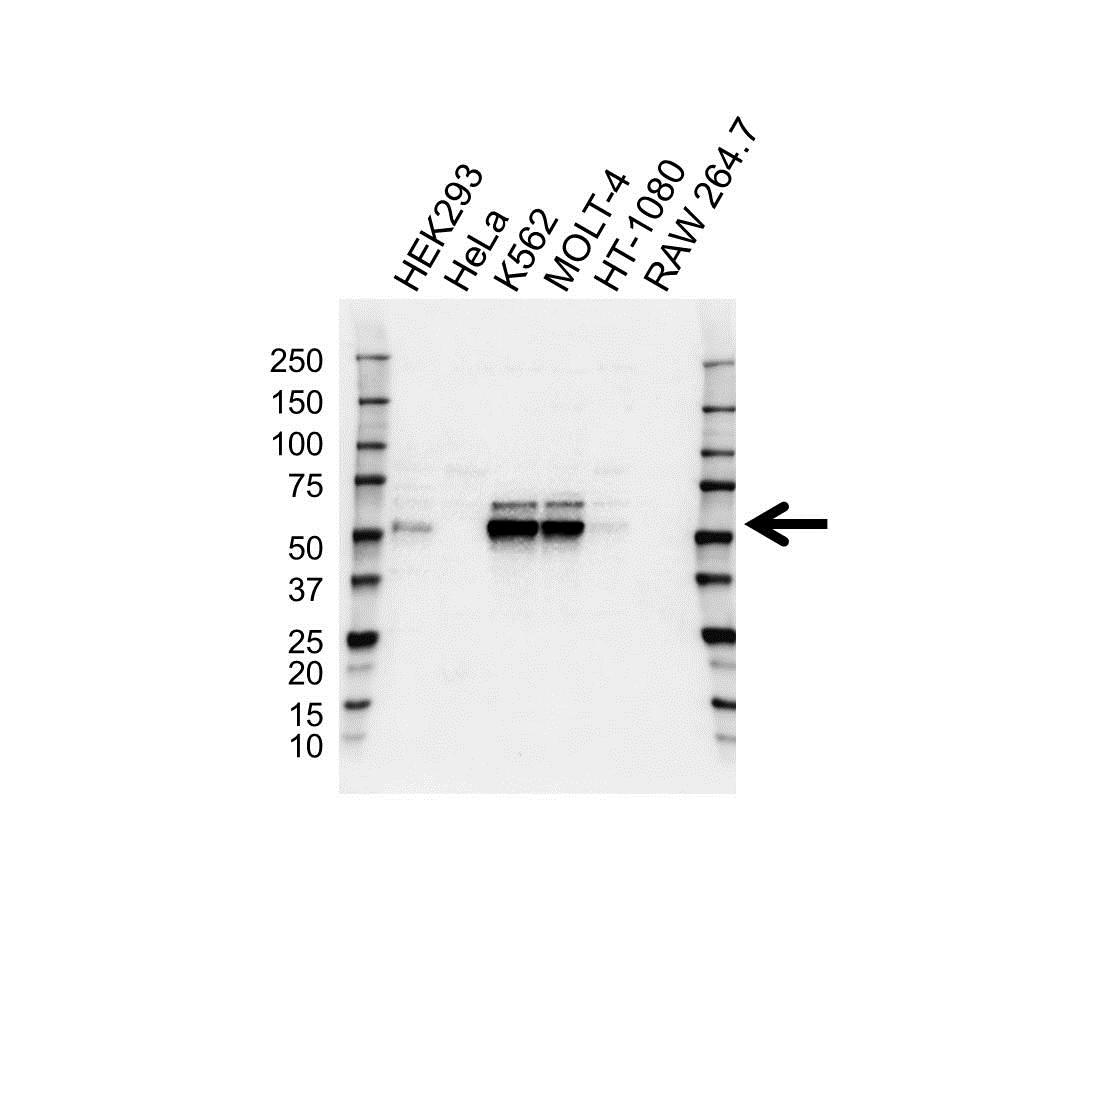 Anti Wilms Tumor 1 Antibody (PrecisionAb Polyclonal Antibody) gallery image 1